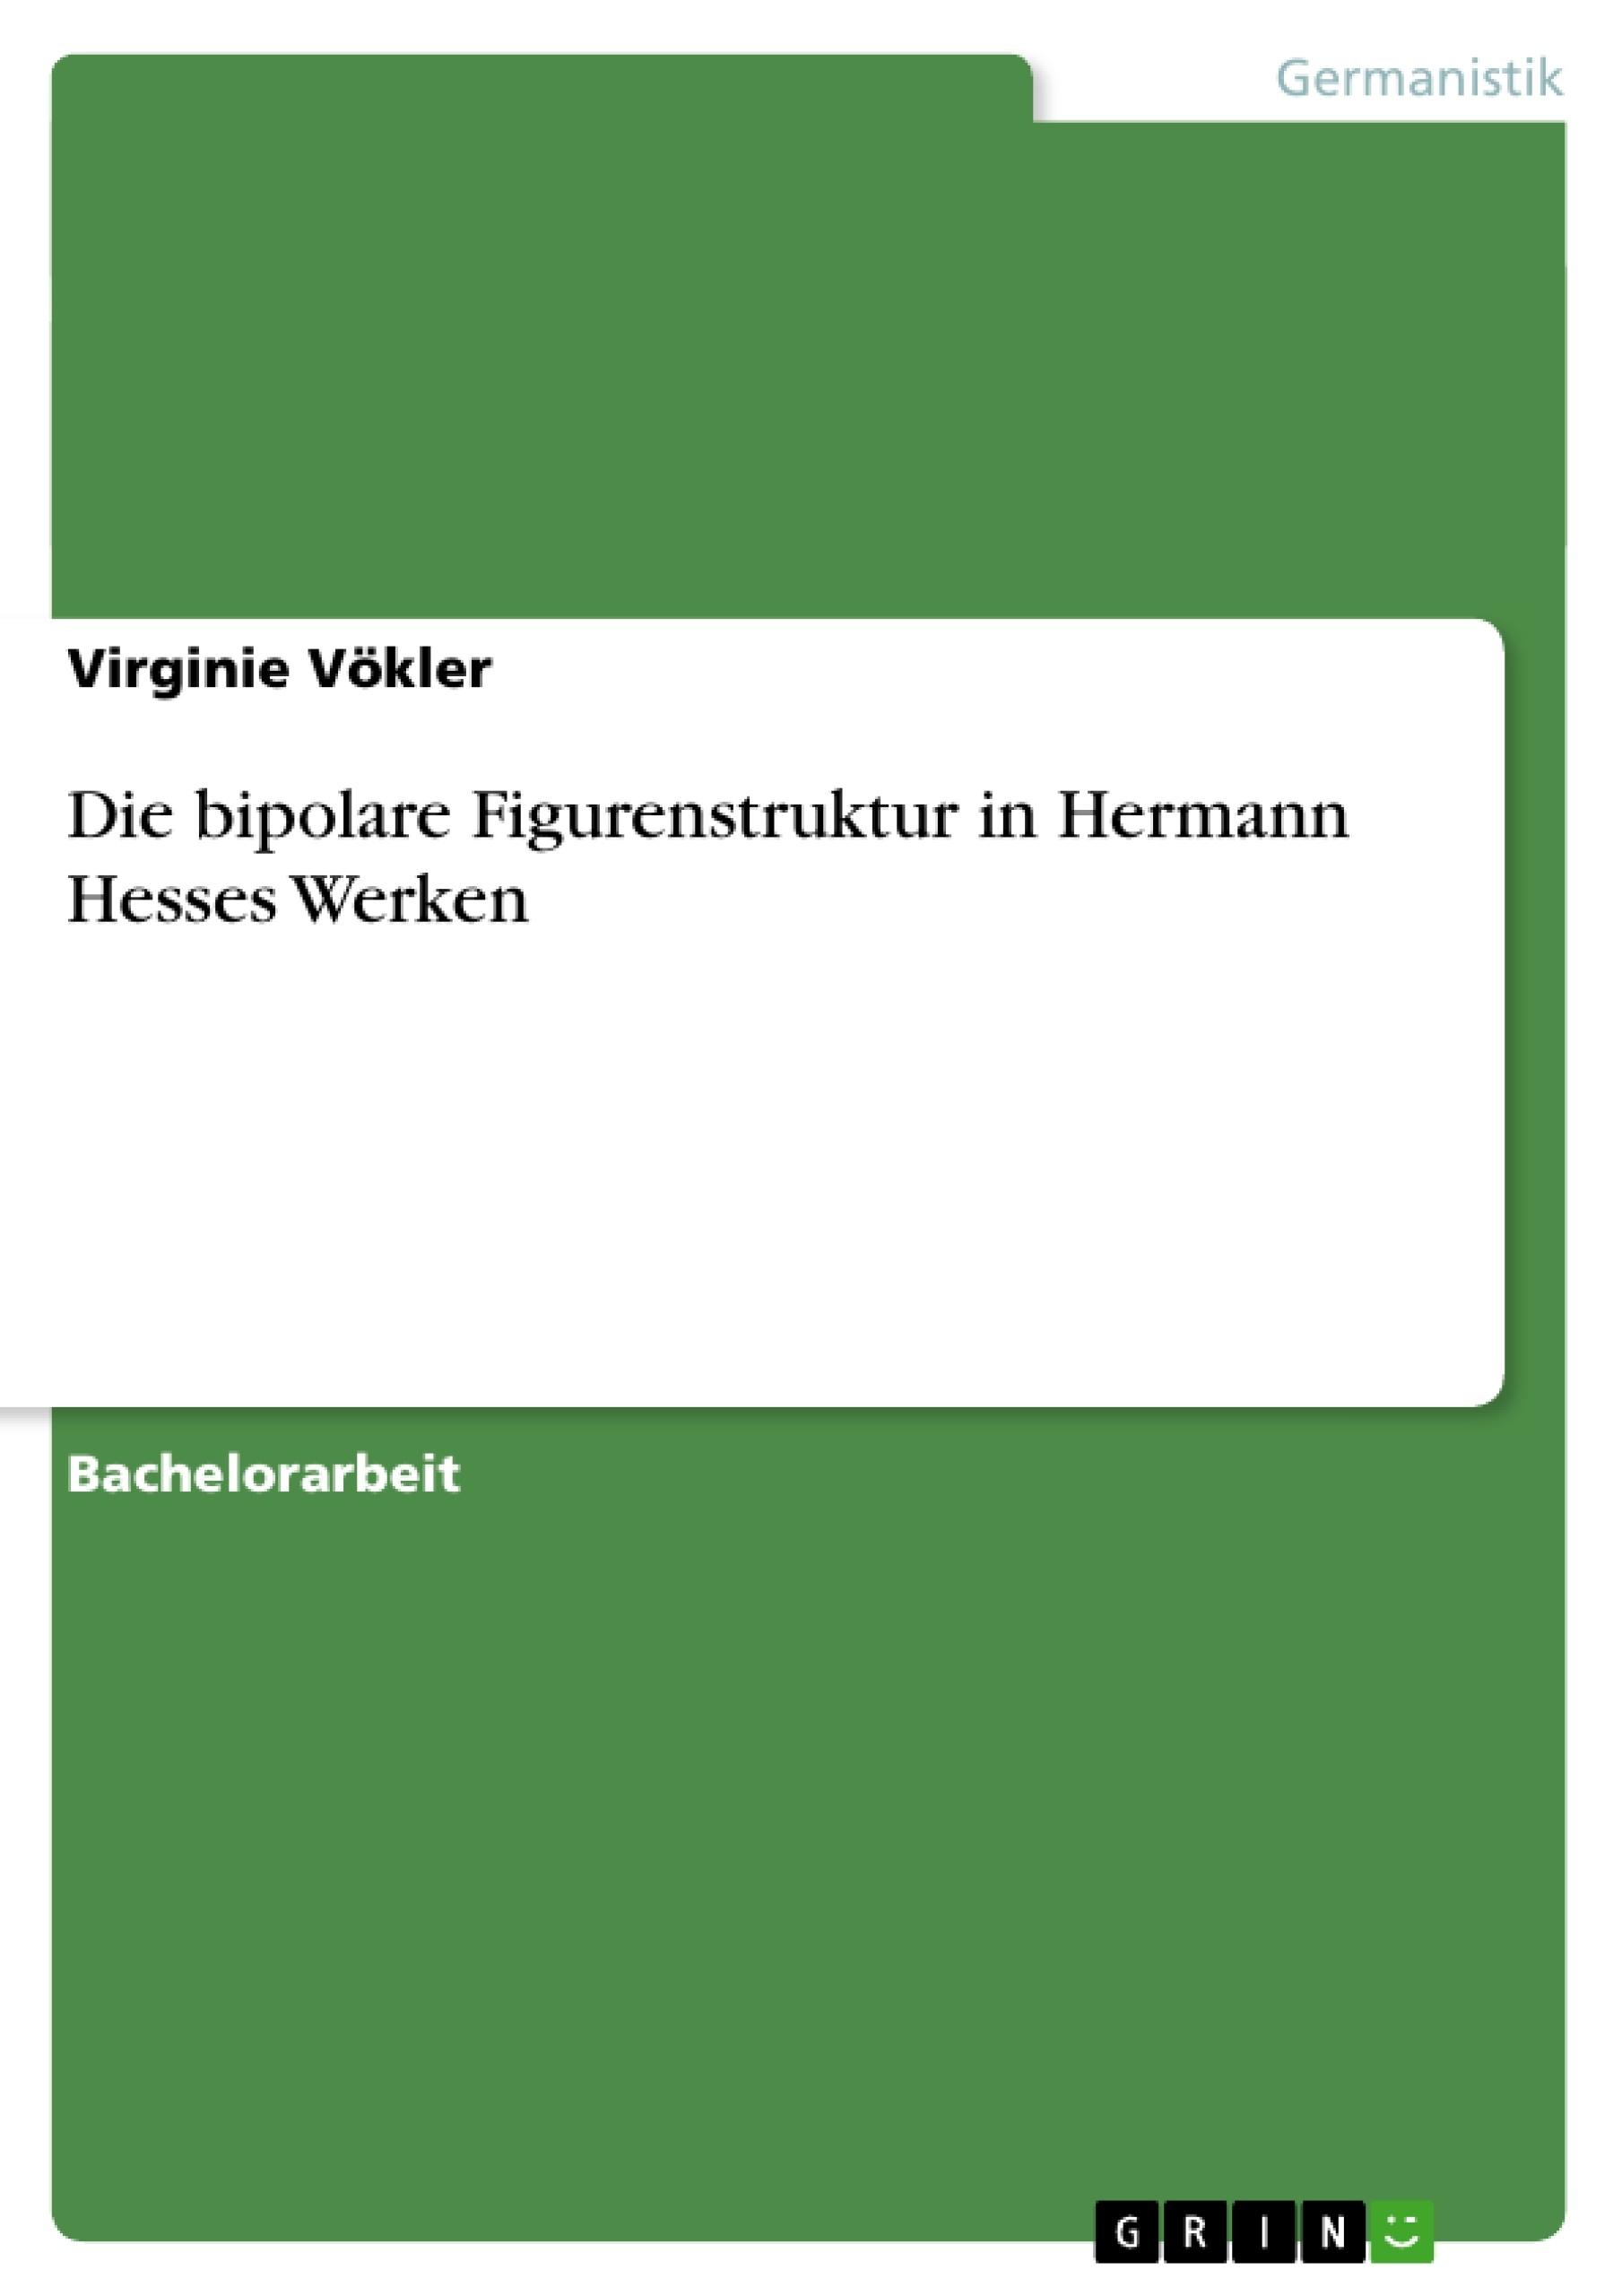 Titel: Die bipolare Figurenstruktur in Hermann Hesses Werken